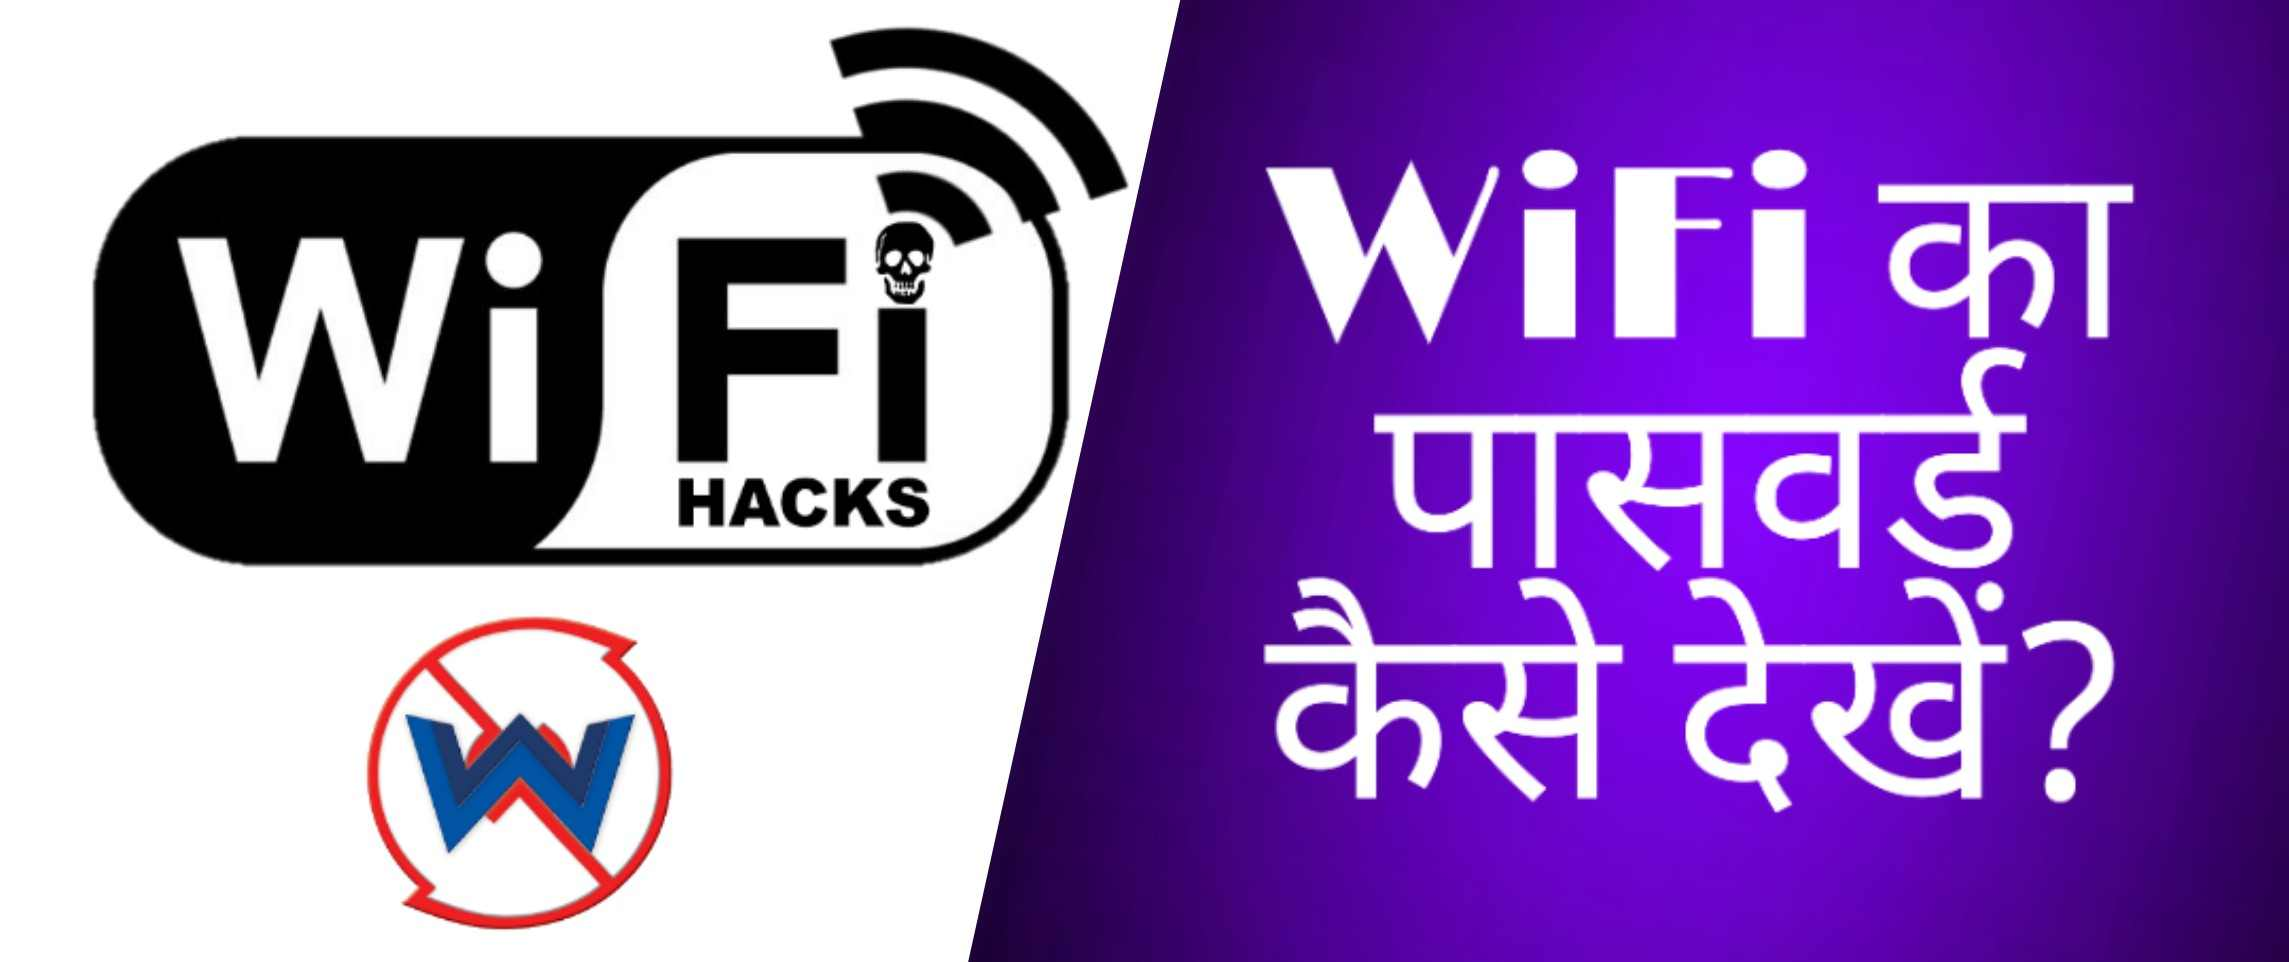 WiFi Password Hack कैसे करें?